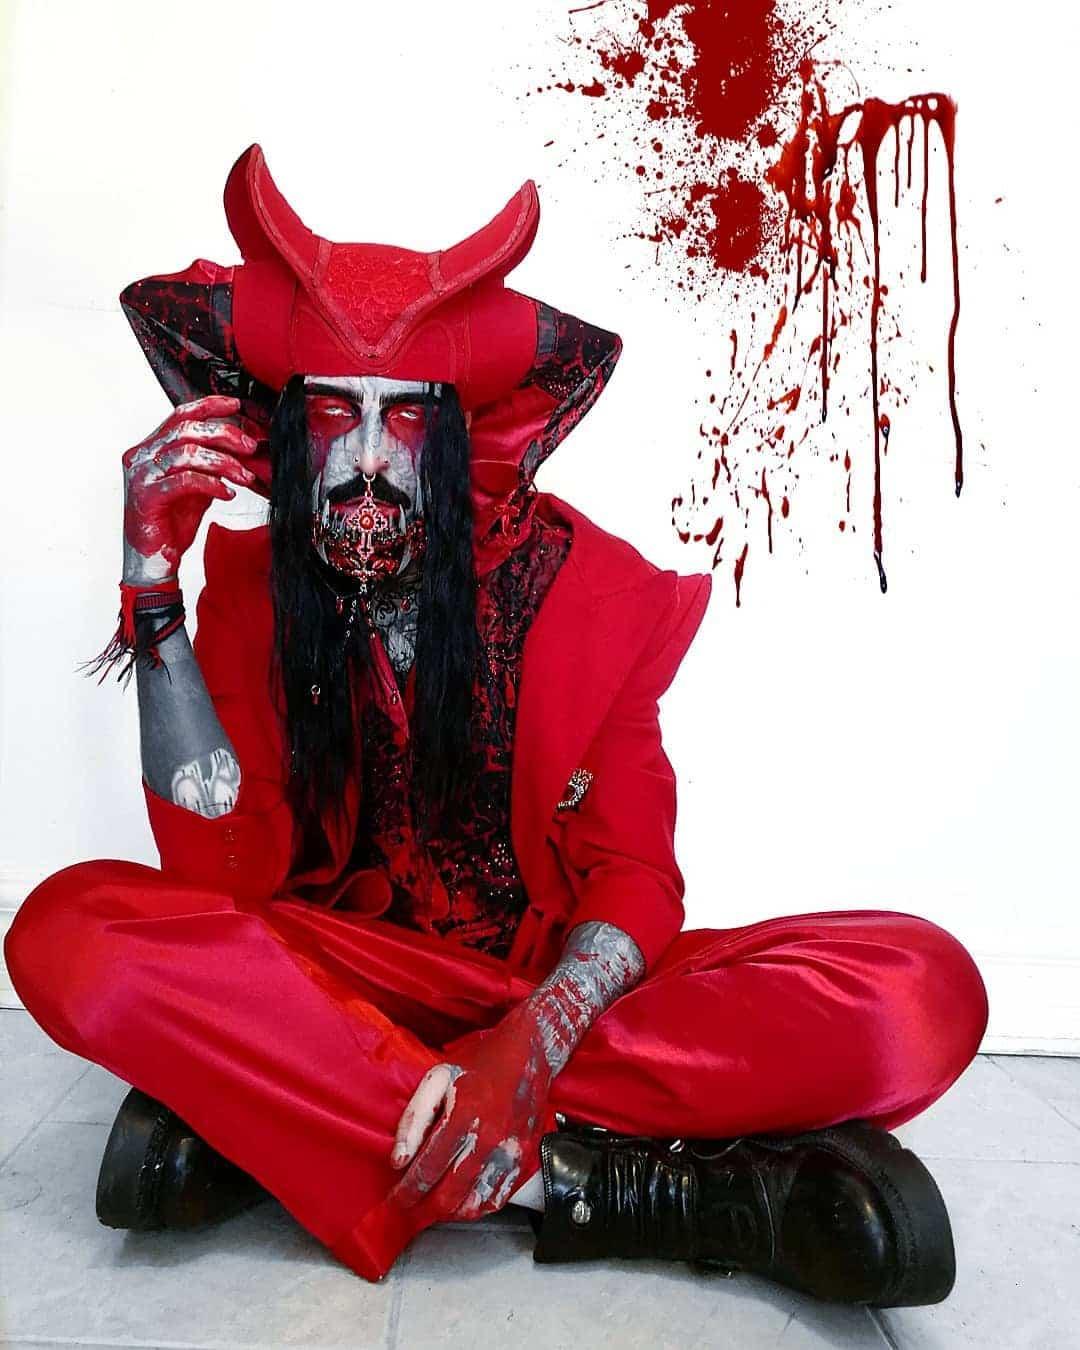 Парень мечтал стать вампиром и нашёл способ. Ничья кровь для этого не пригодилась - только чернила